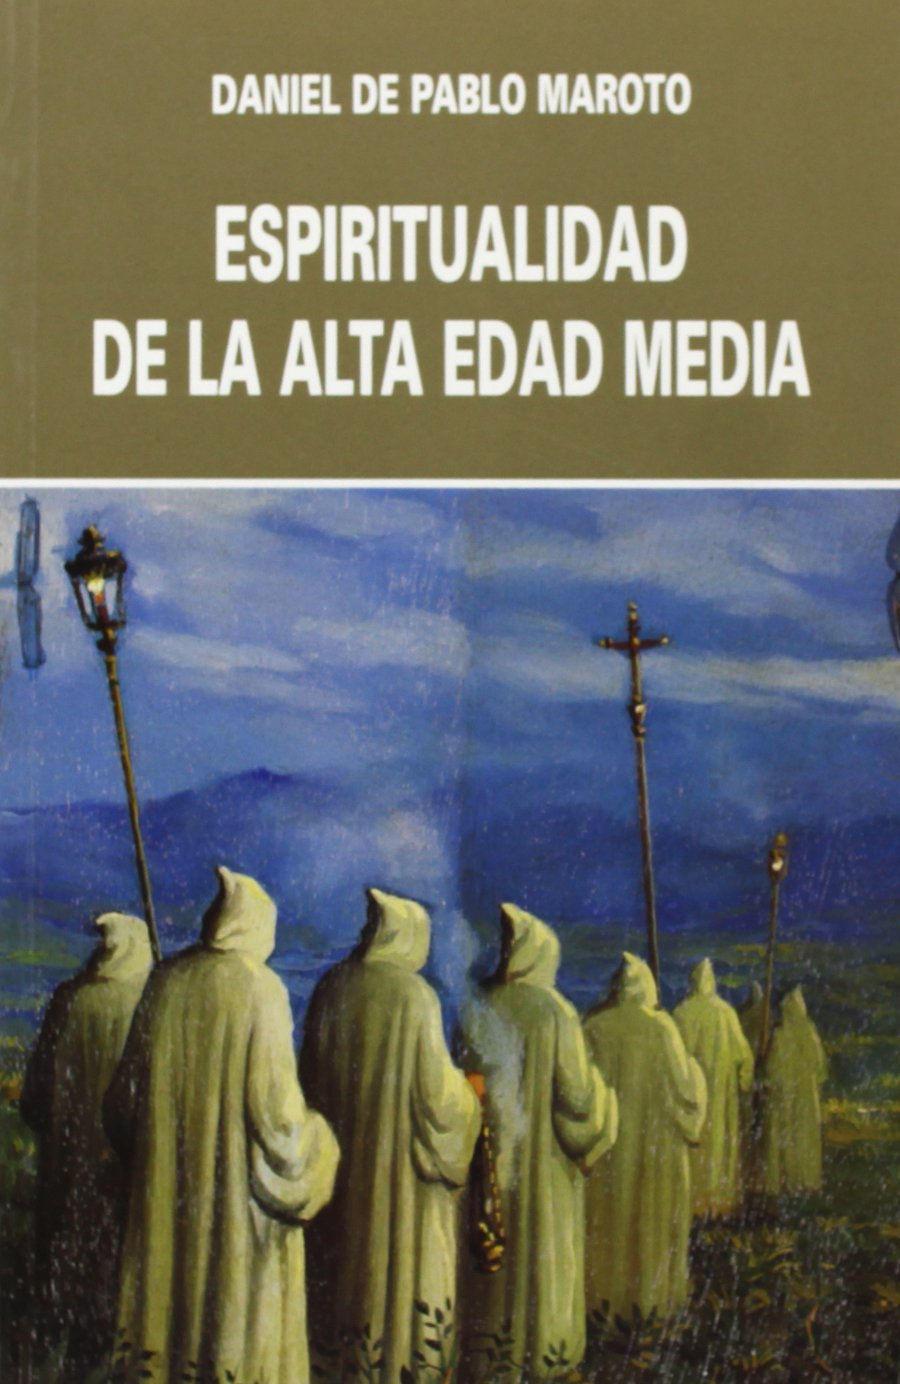 Espiritualidad de la alta edad media: (siglos VI-XII) Book Cover